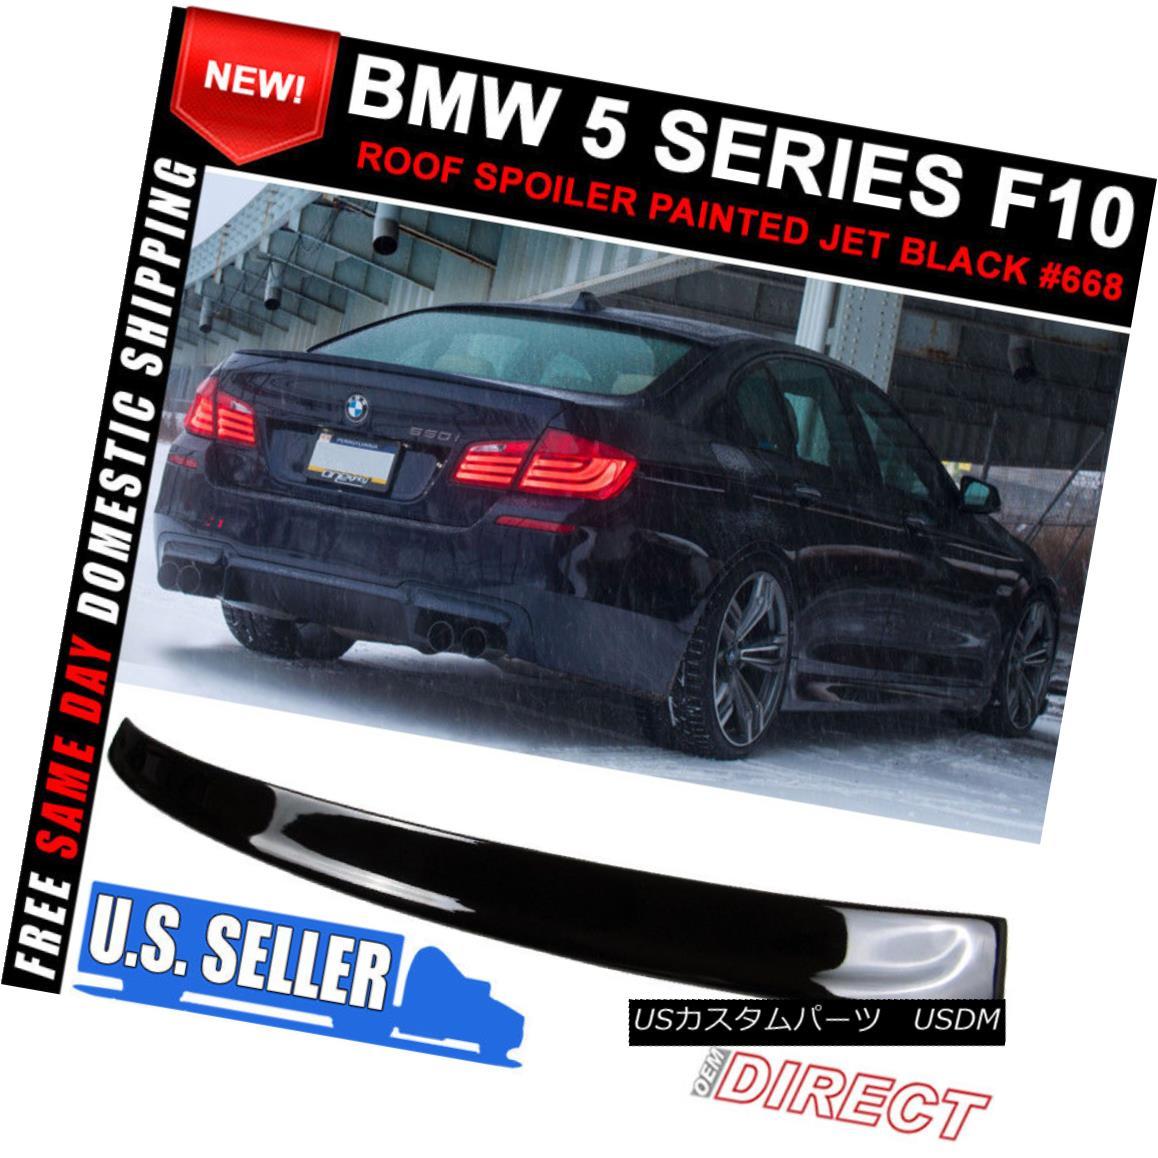 エアロパーツ 11-16 BMW 5 Series F10 3D Style Rear Roof Spoiler Wing Painted Jet Black #668 11-16 BMW 5シリーズF10 3Dスタイルリアルーフスポイラーウイングペイントジェットブラック#668